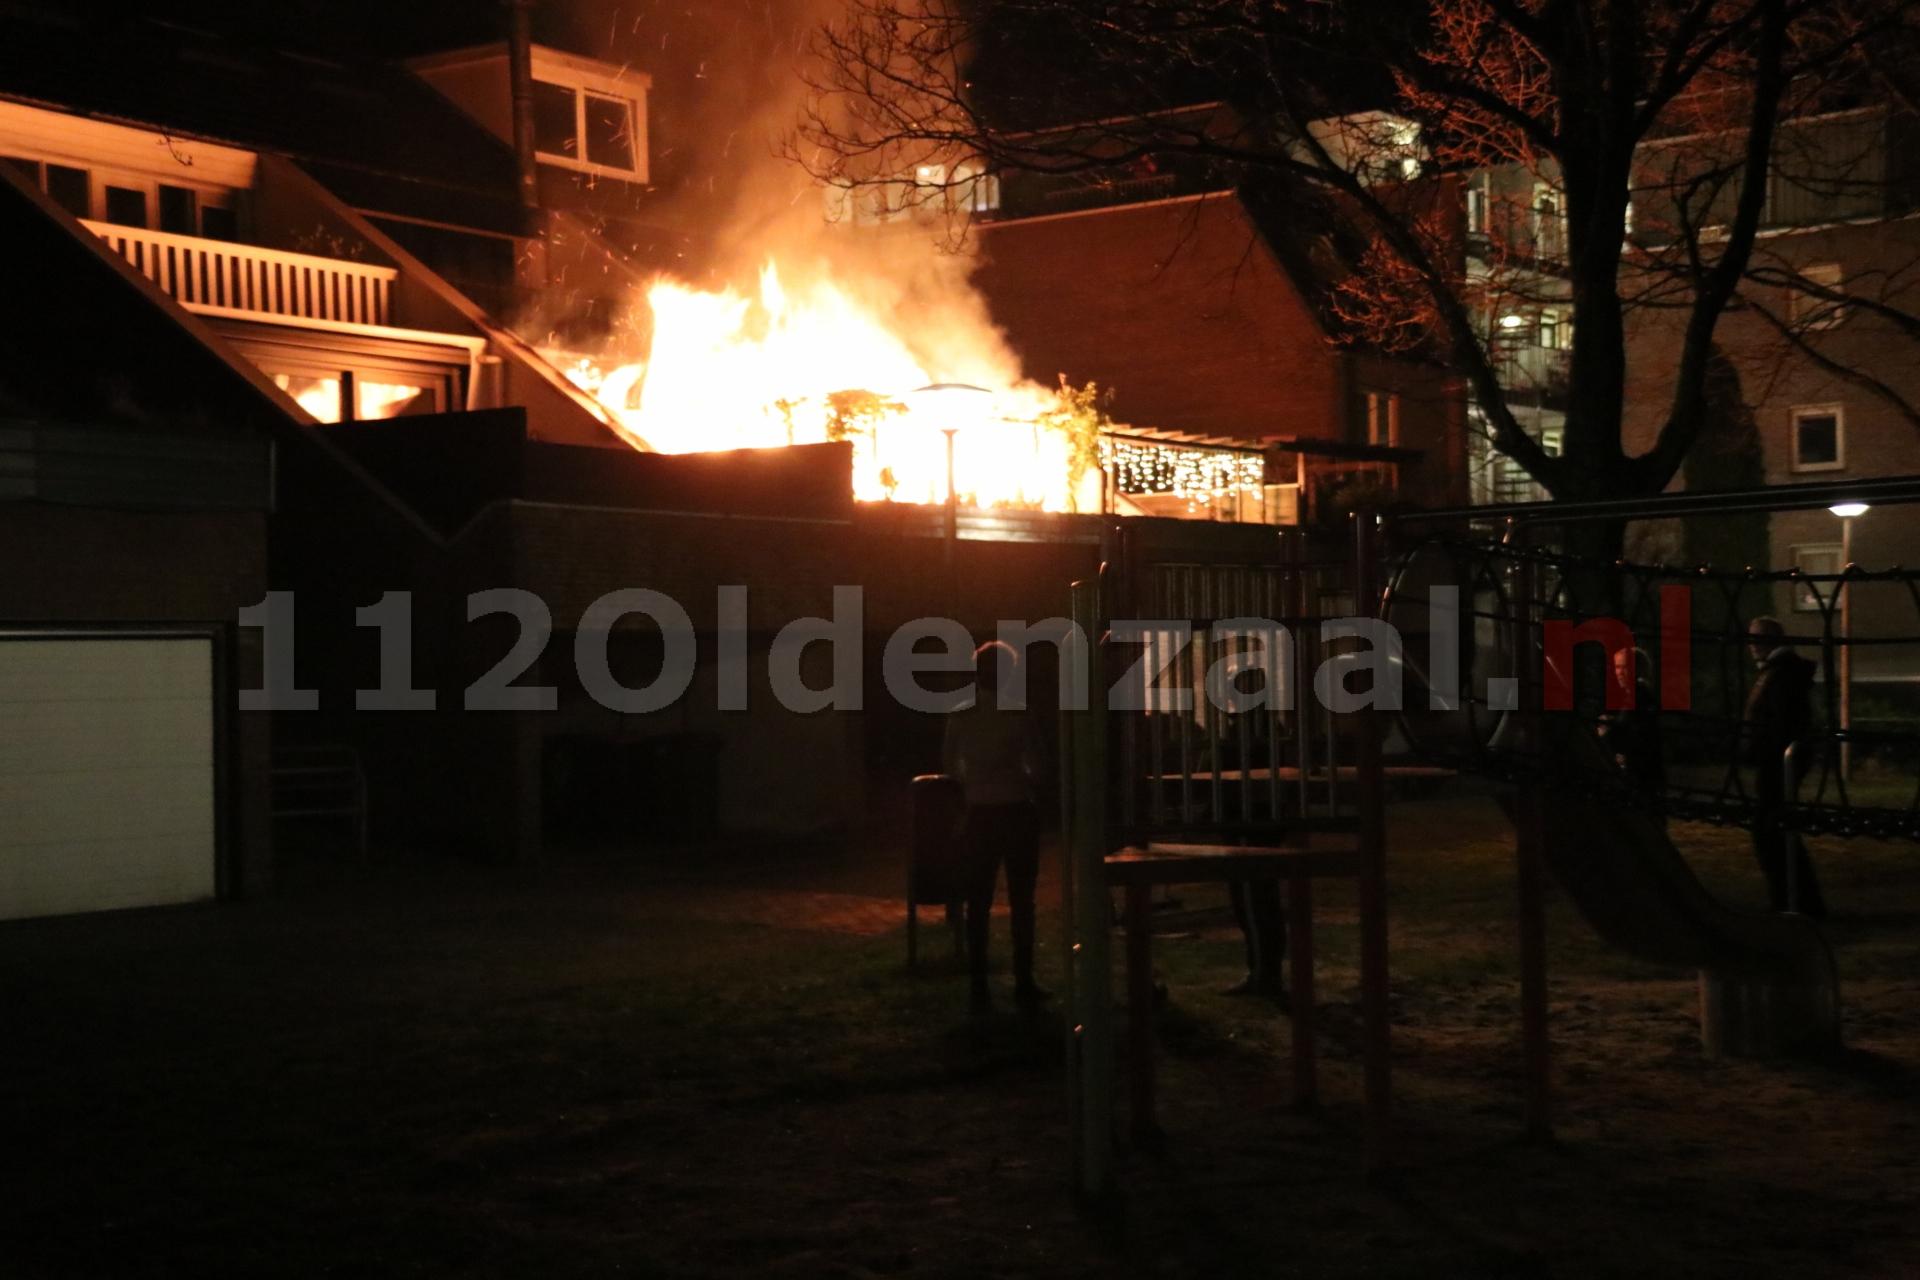 Uitslaande brand bij woning Oostwal Oldenzaal